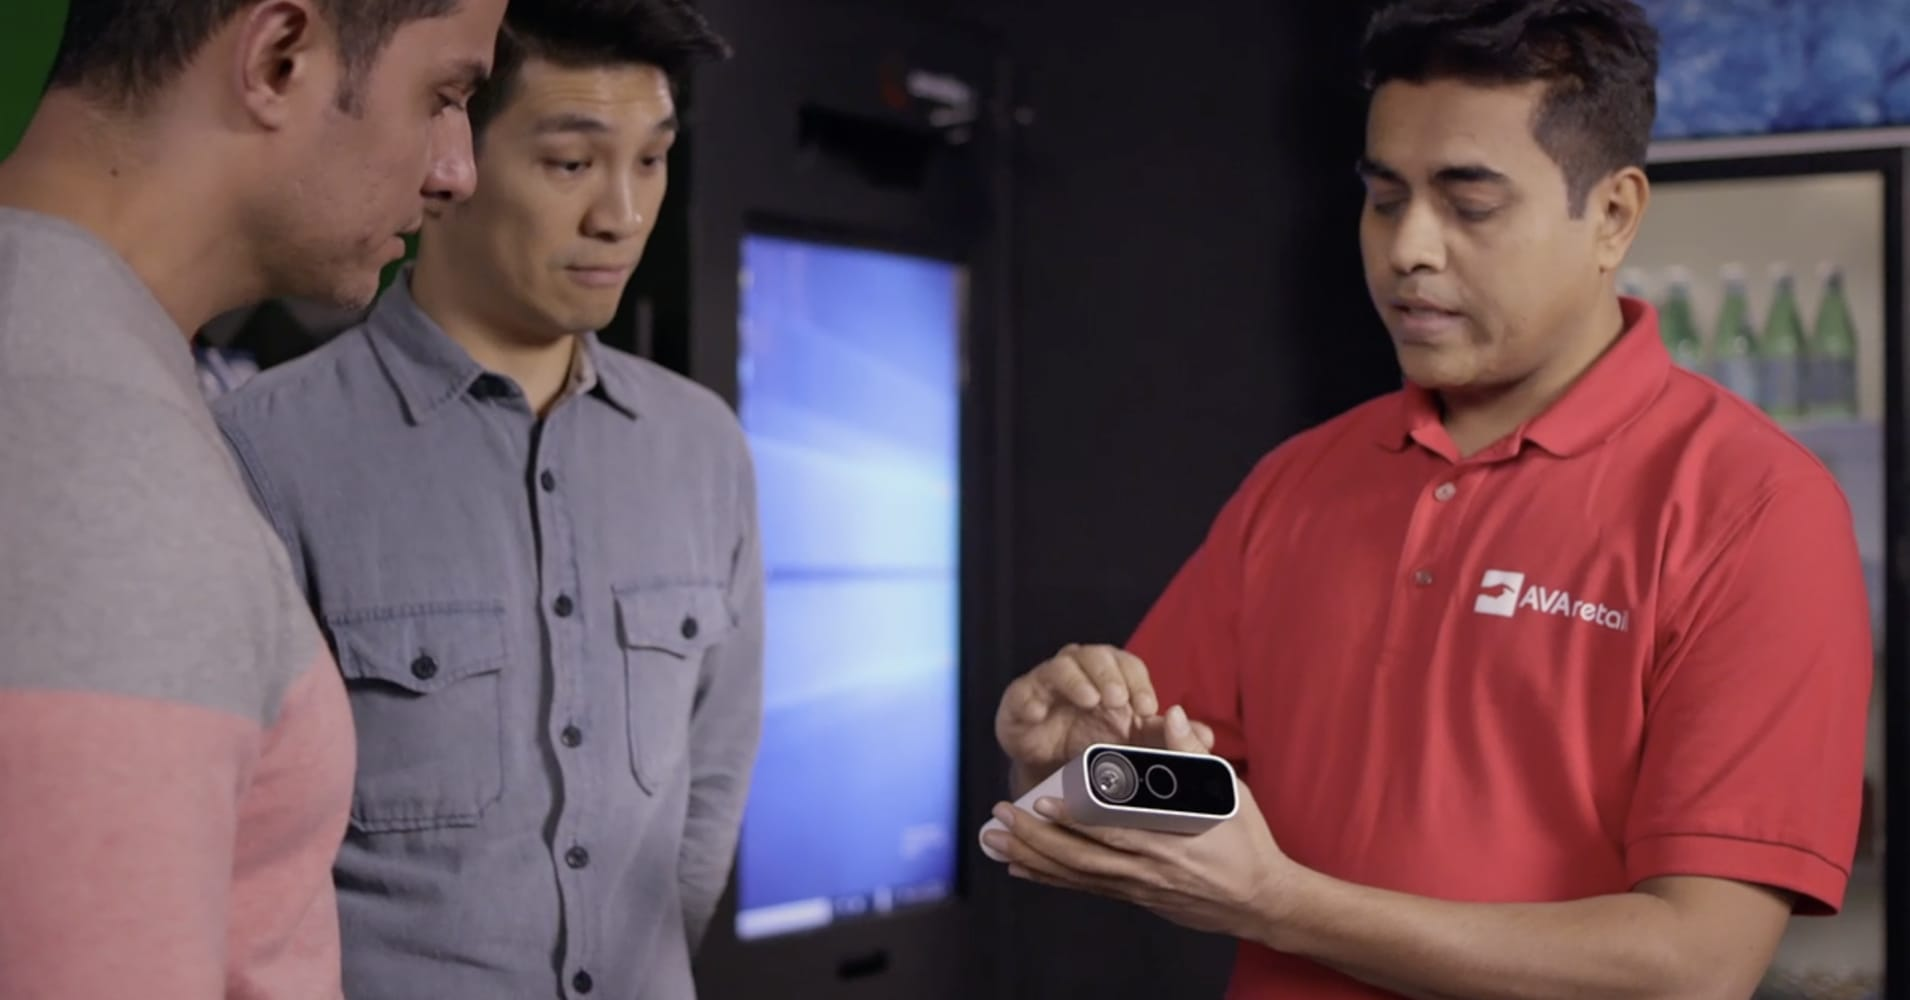 Microsoft reveals an A.I. camera for developers